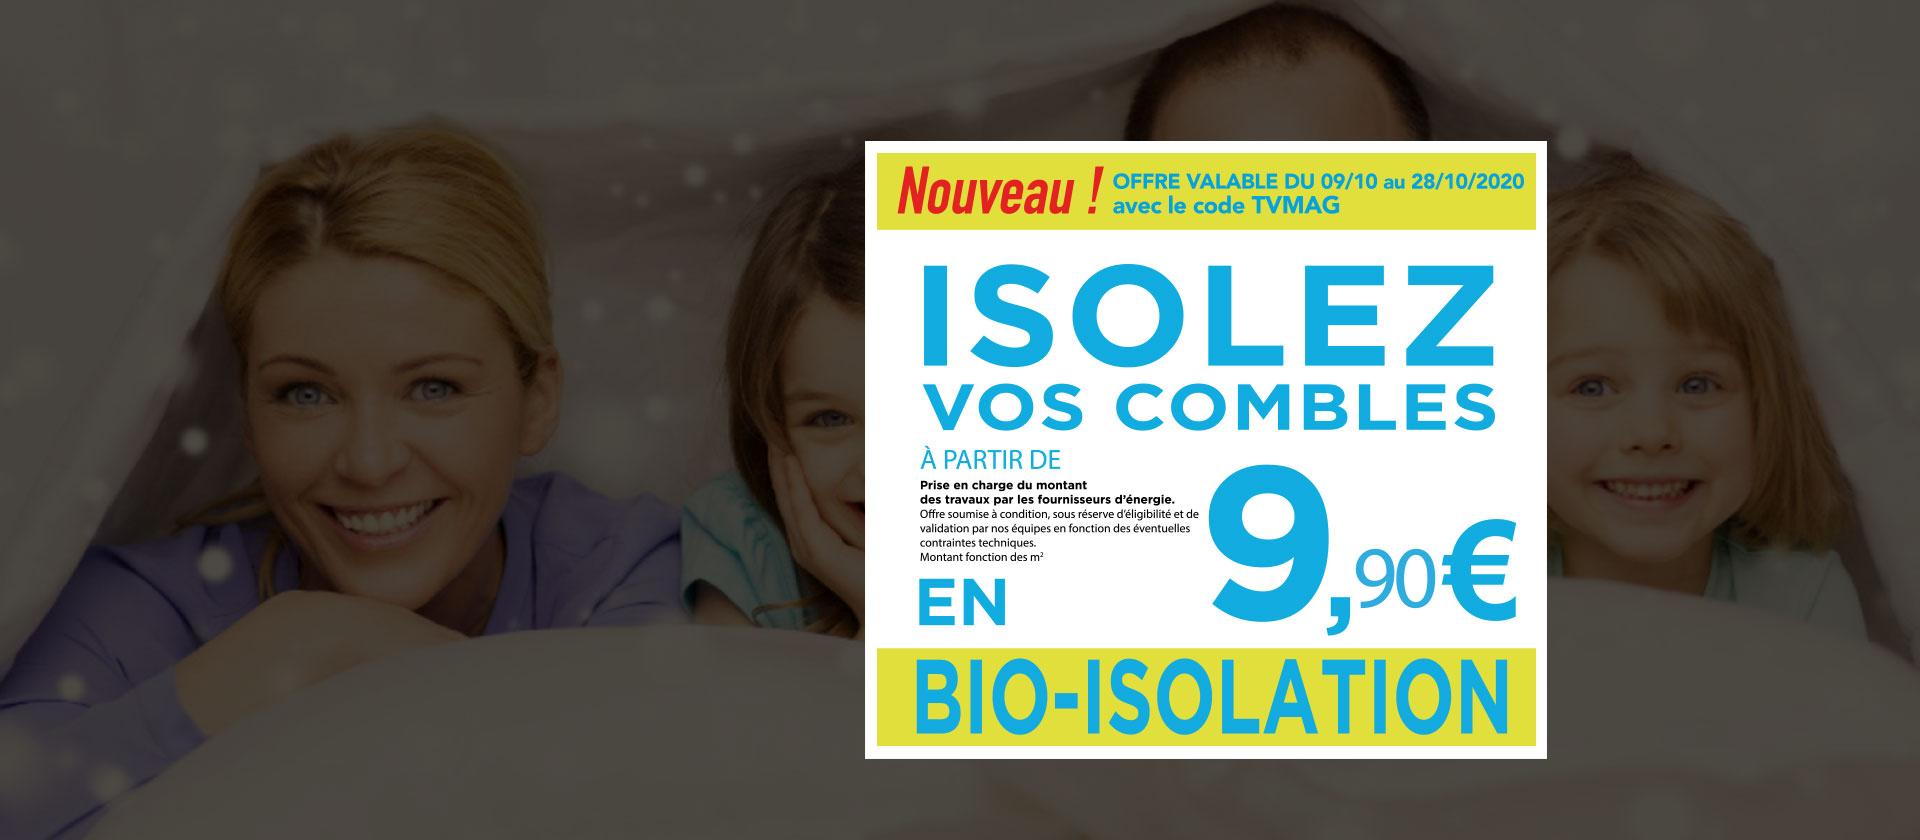 Promotion Ma Bio-Énergie : « Isolez vos combles à partir de 9,90€ ! - Offre valable du 09 au 28 Octobre 2020 avec le code TVMAG »